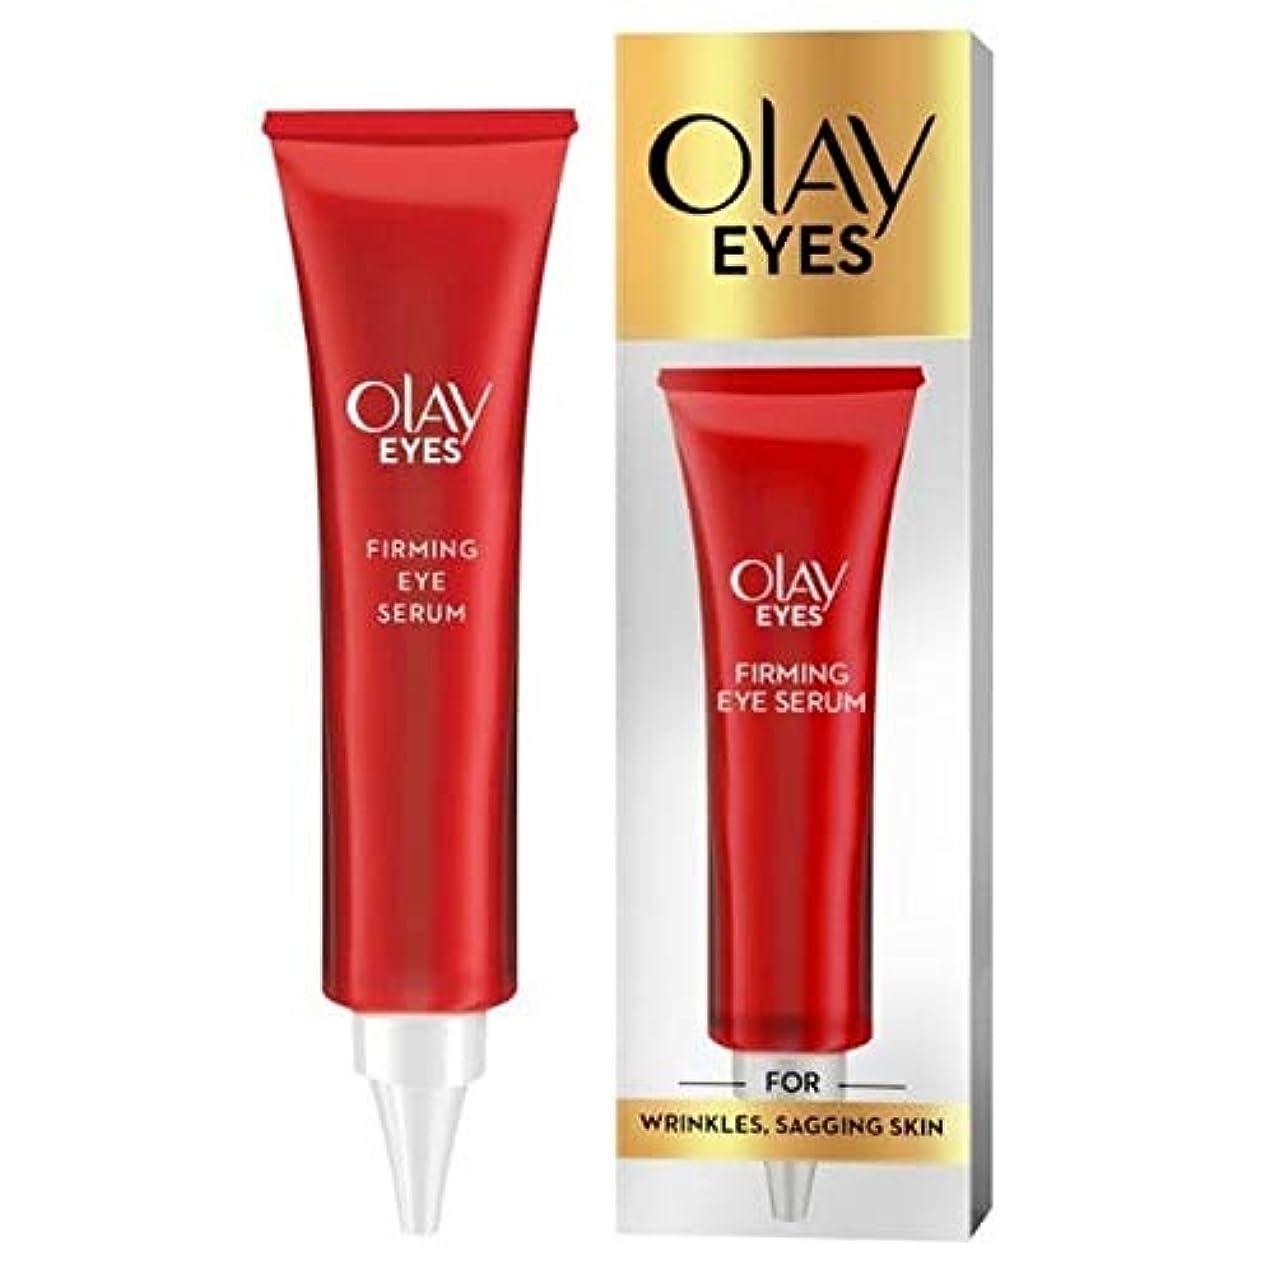 きちんとした適度に関与する[Olay ] オーレイ目目の血清15 Mlの引き締め - Olay Eyes Firming Eye Serum 15 Ml [並行輸入品]